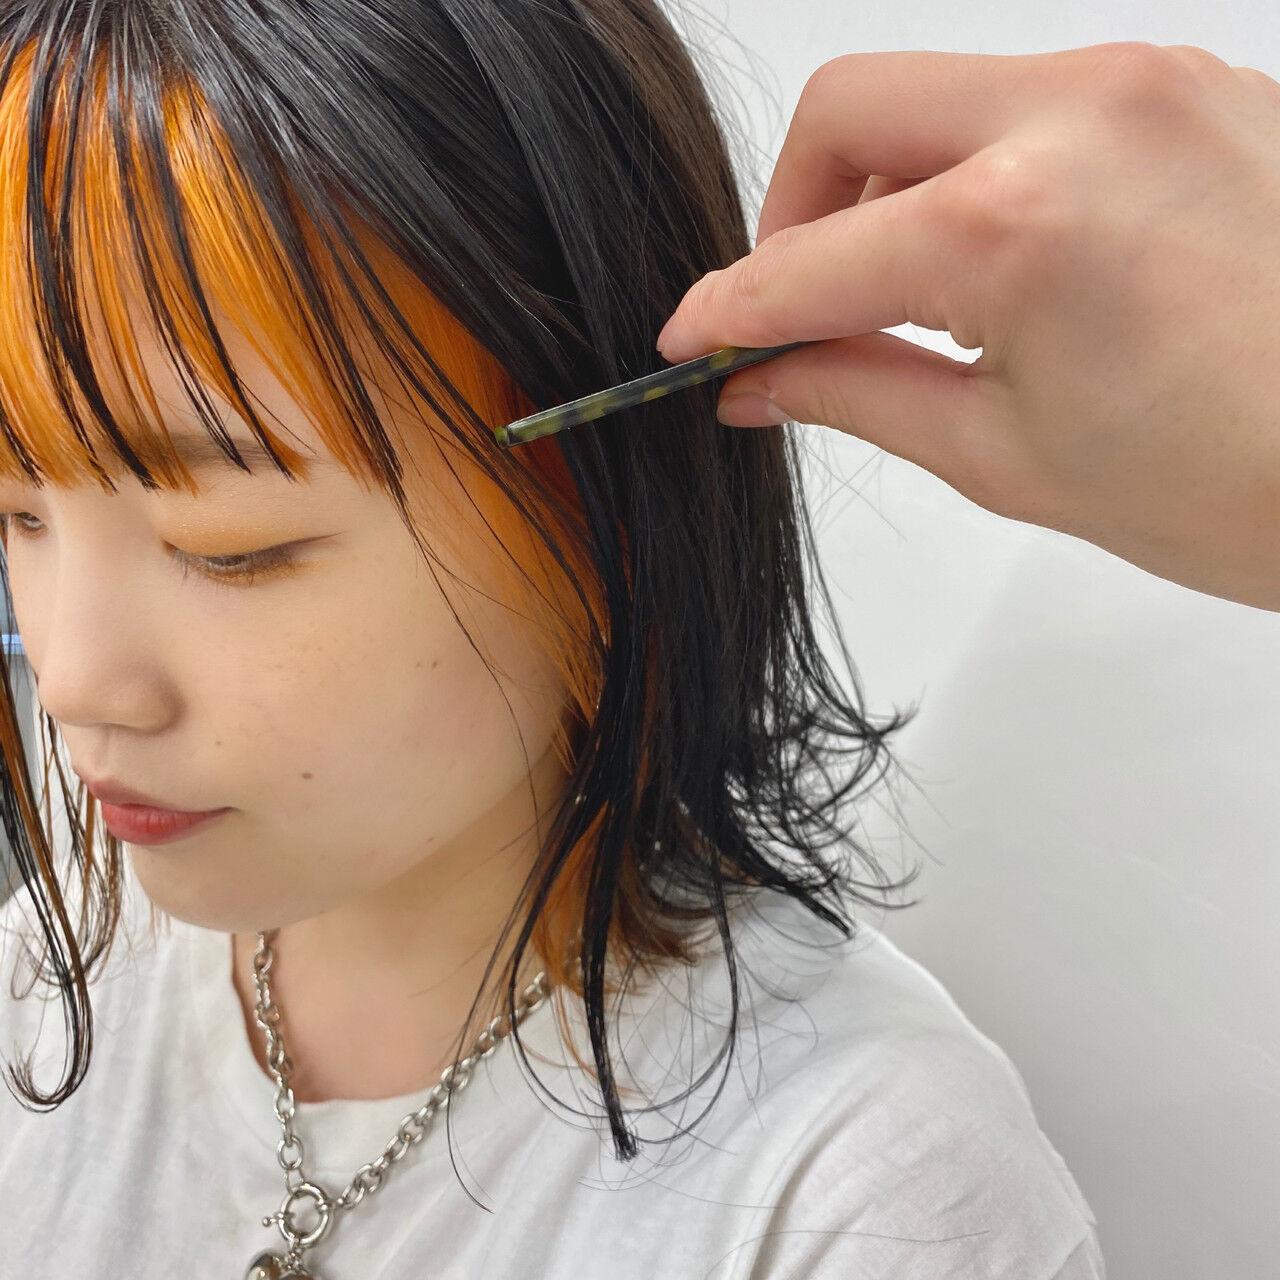 ナチュラル モテボブ 切りっぱなしボブ ボブヘアスタイルや髪型の写真・画像